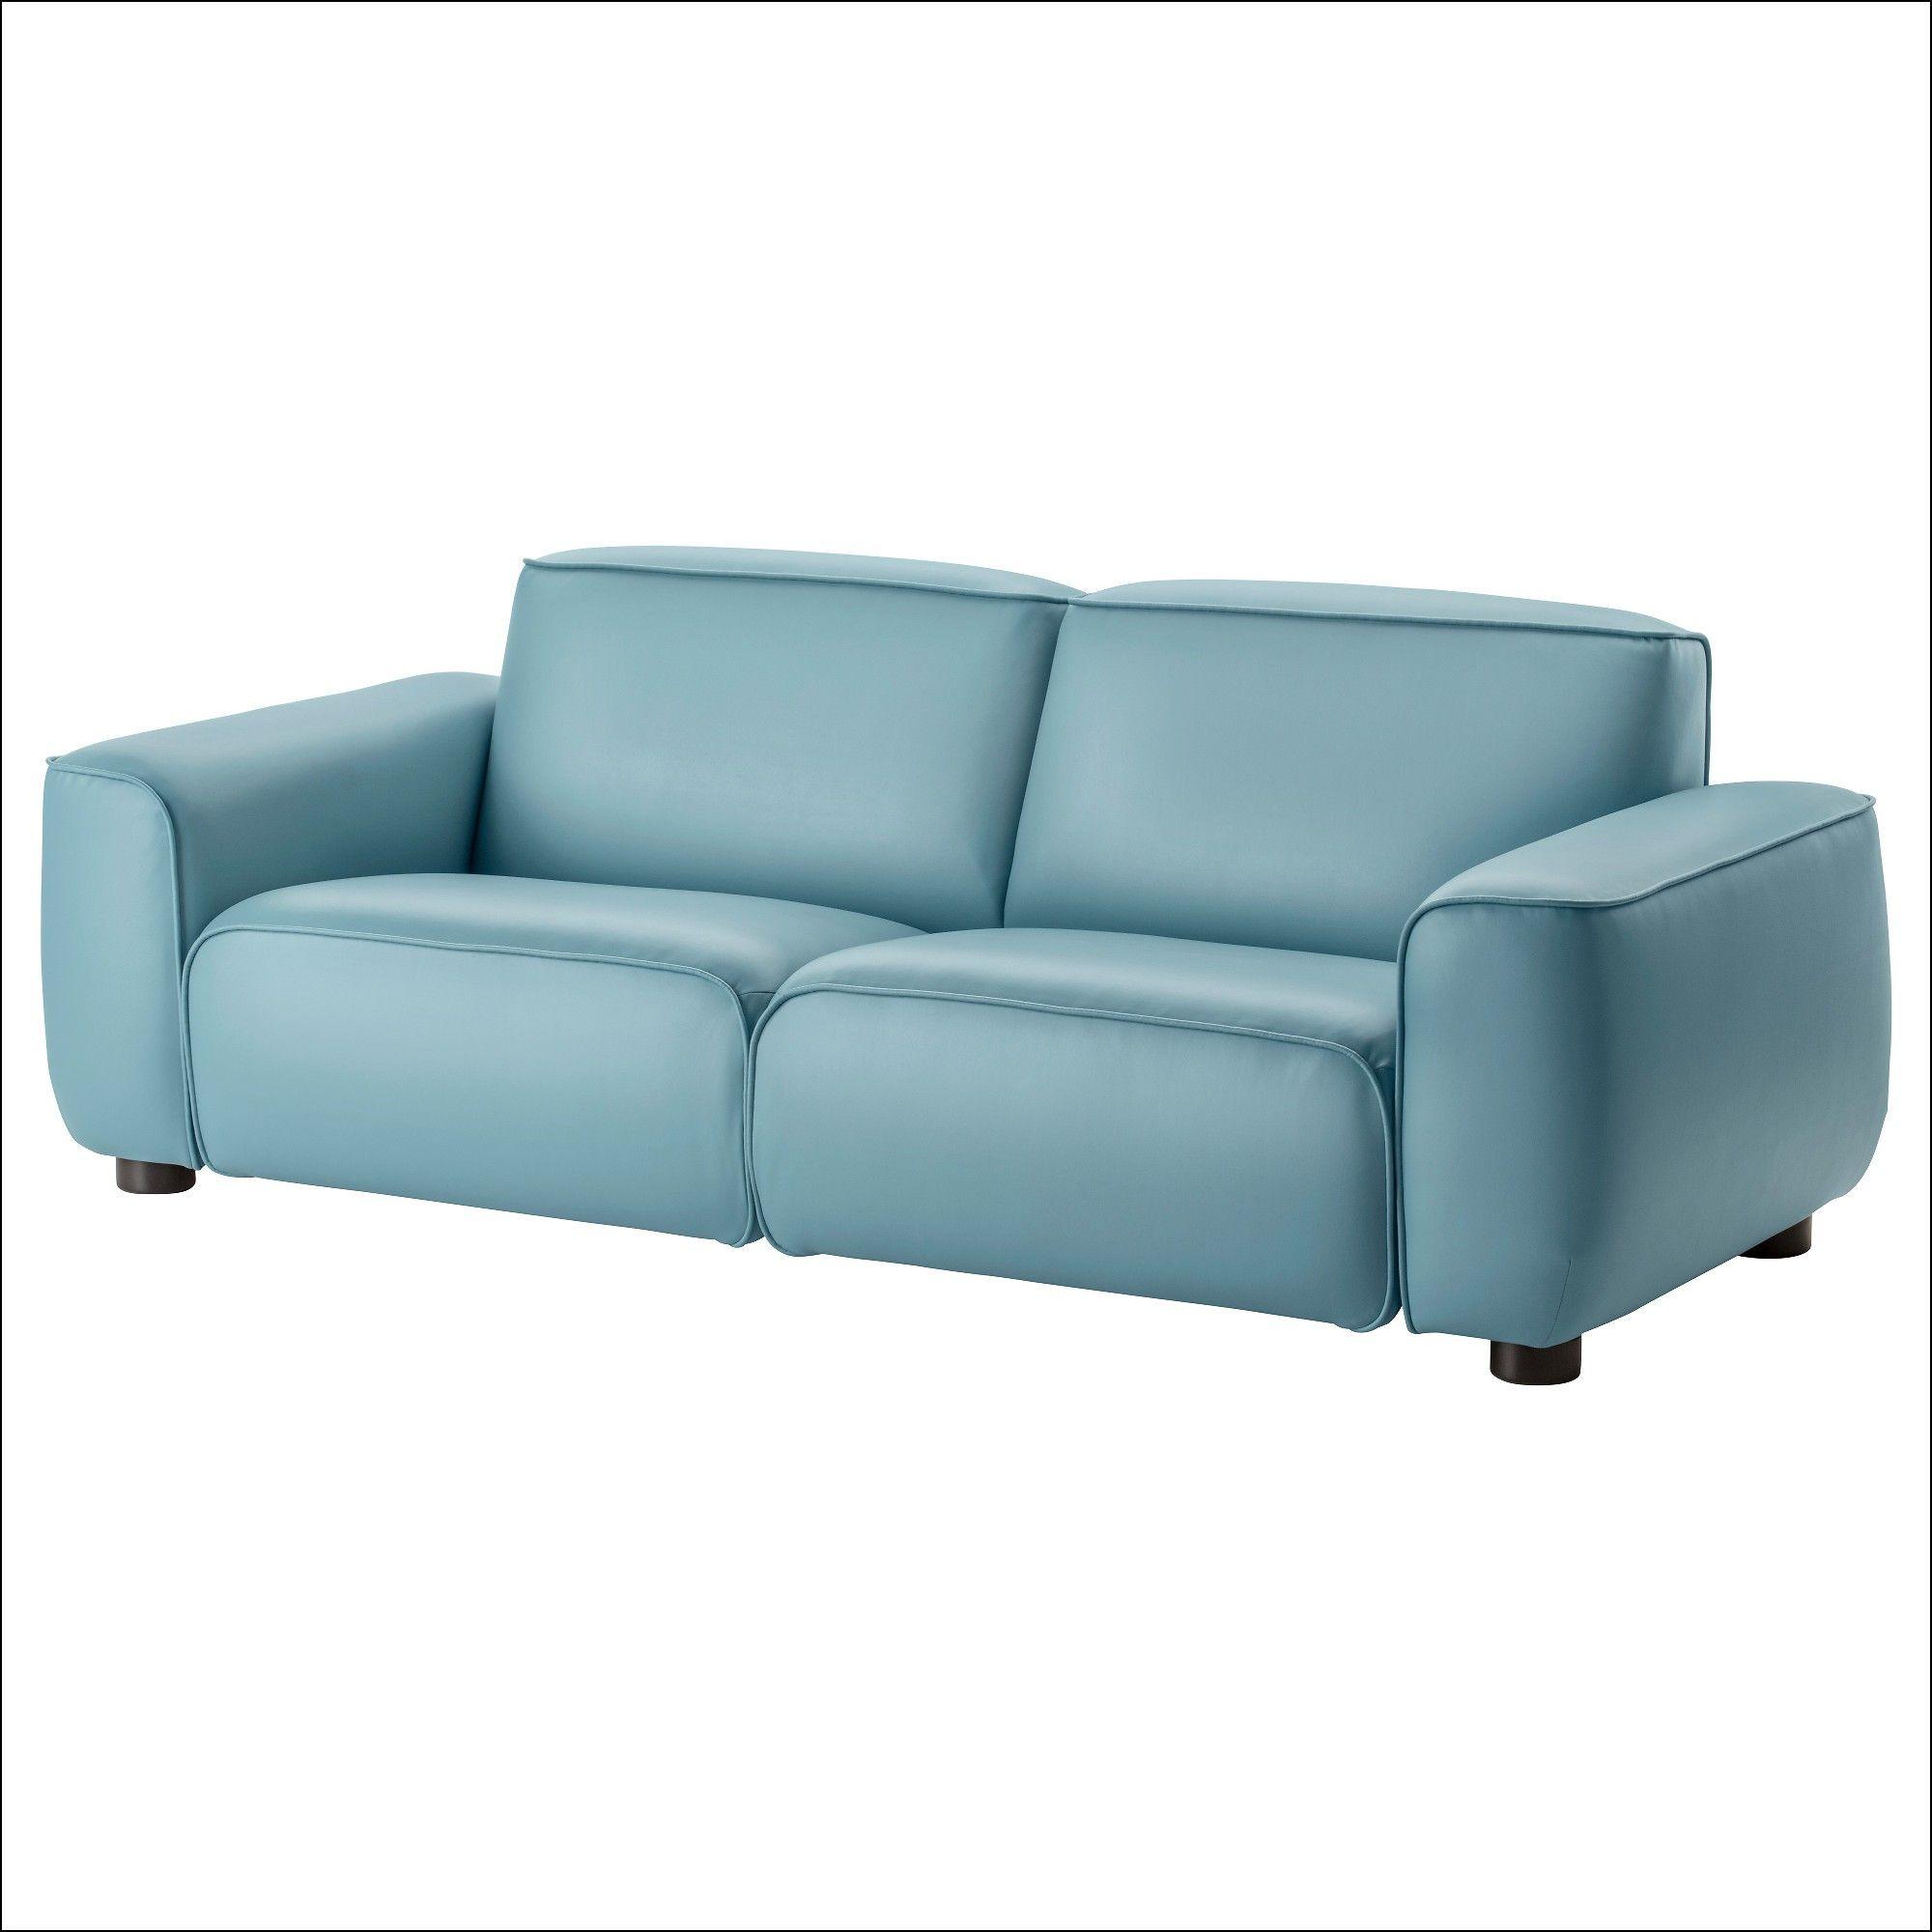 blue leather sofa ikea blue leather